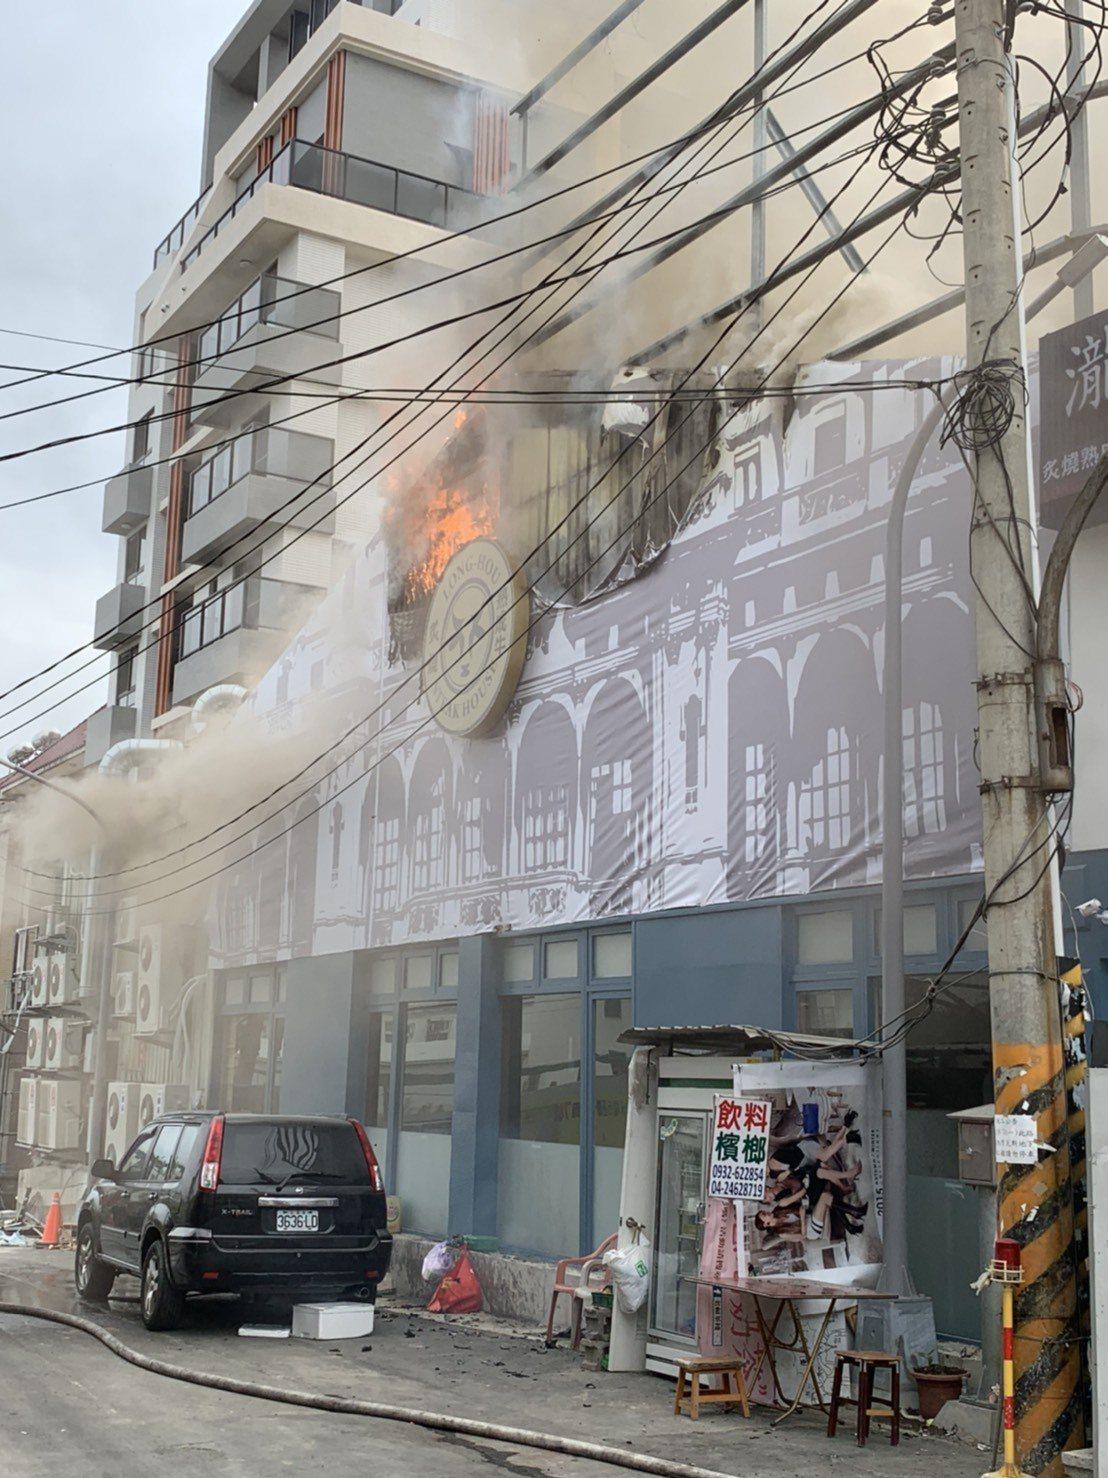 台中市西屯區永福路一家牛排館今天下午3時許傳出火警,警消到場灌救。圖/讀者提供